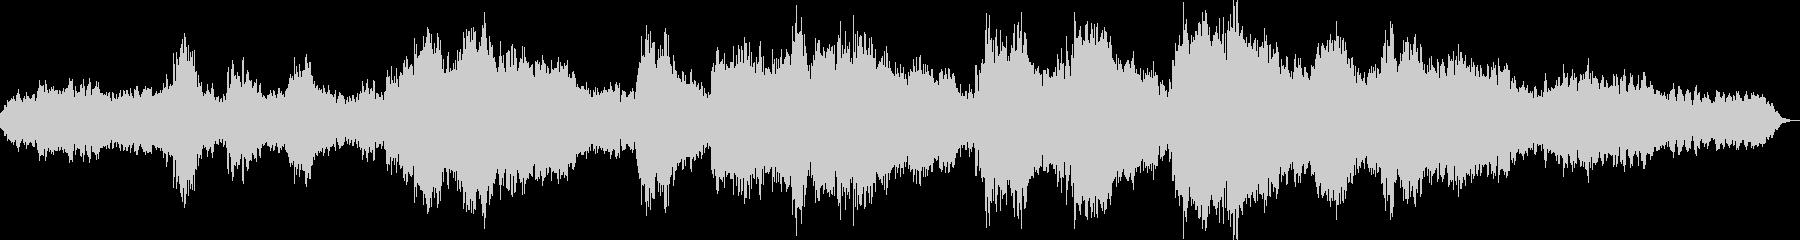 離れ小島を表現したシンセボイスの即興曲の未再生の波形